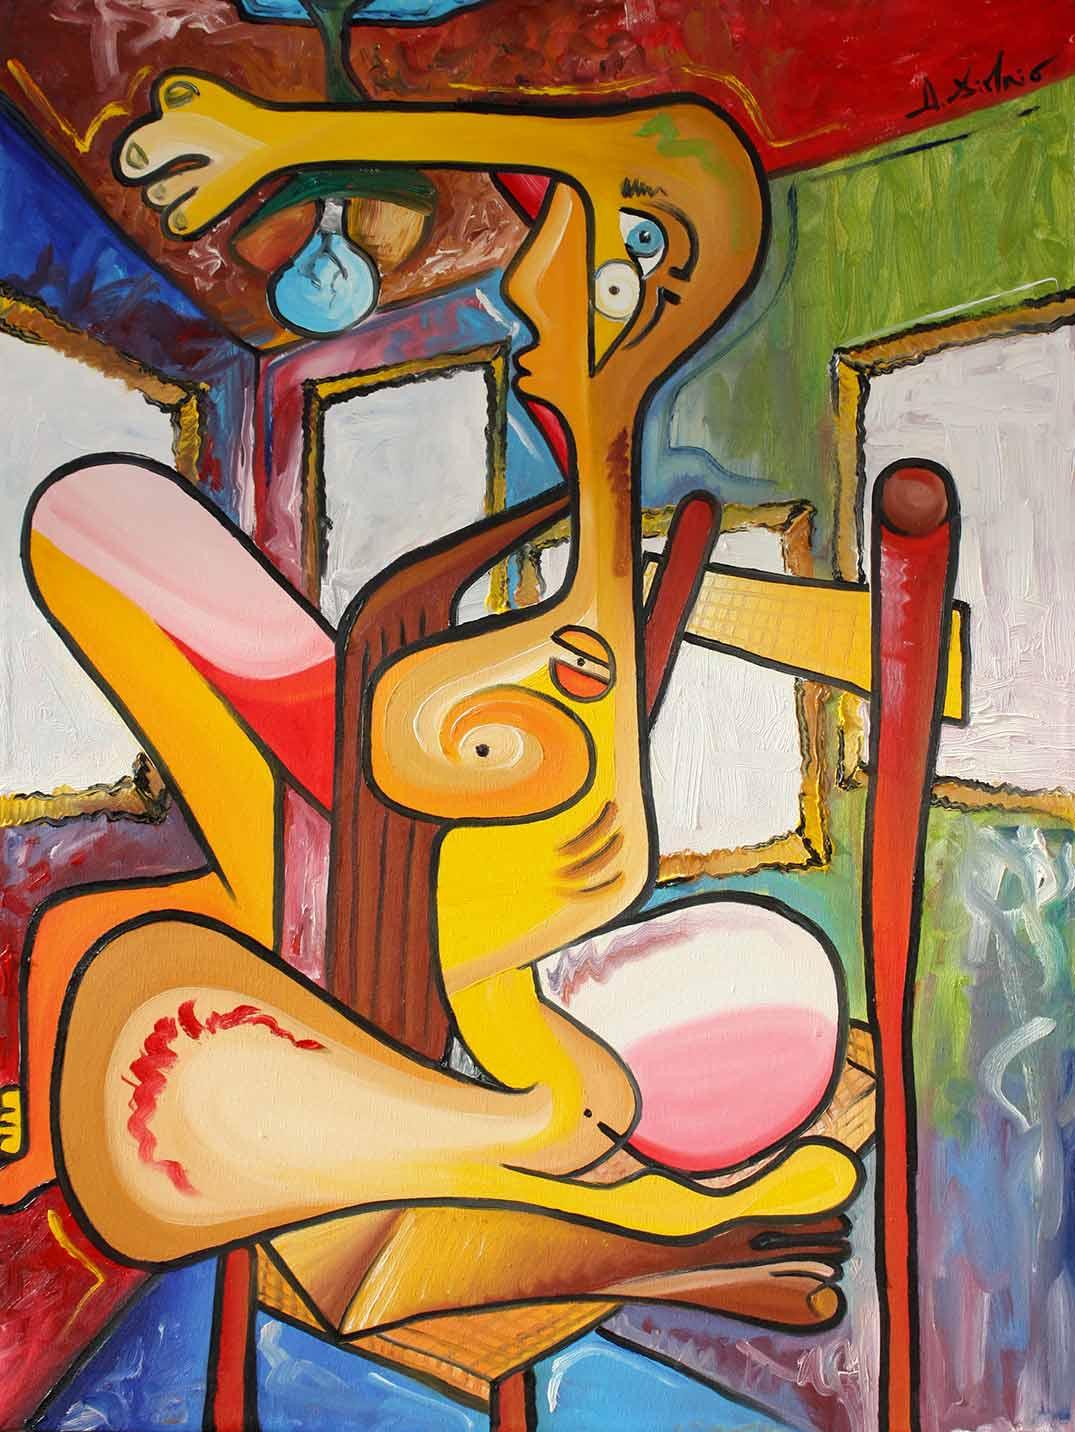 Alessandro Di Maio | Oil on canvas 60x80cm